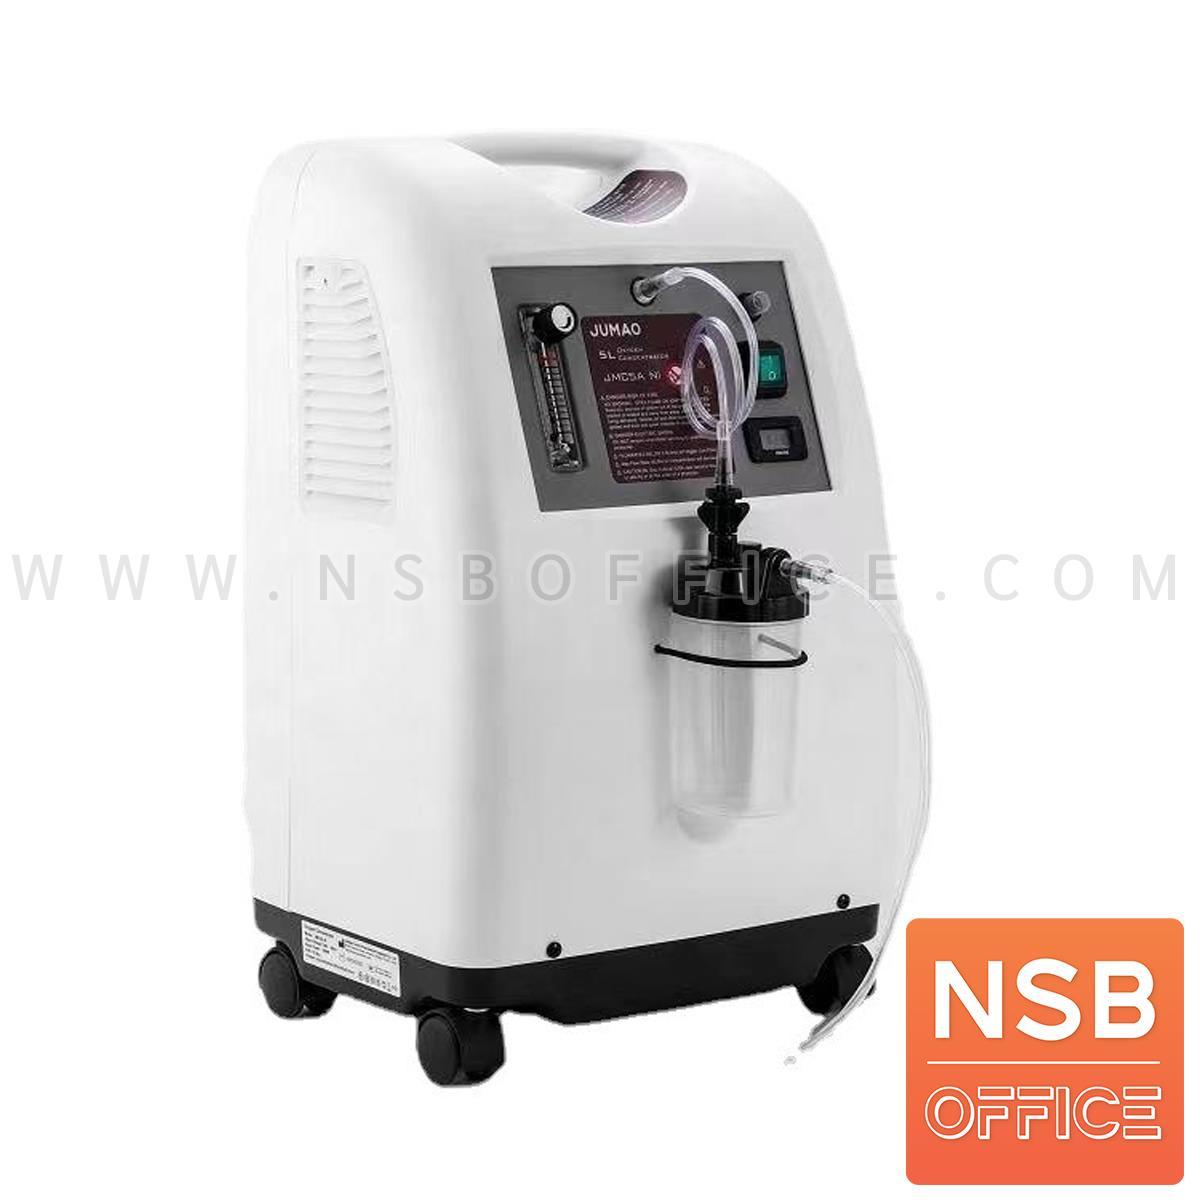 B32A004:เครื่องผลิตออกซิเจน Portable Oxygen Concentrator ขนาด 5 ลิตร  ล้อเลื่อน